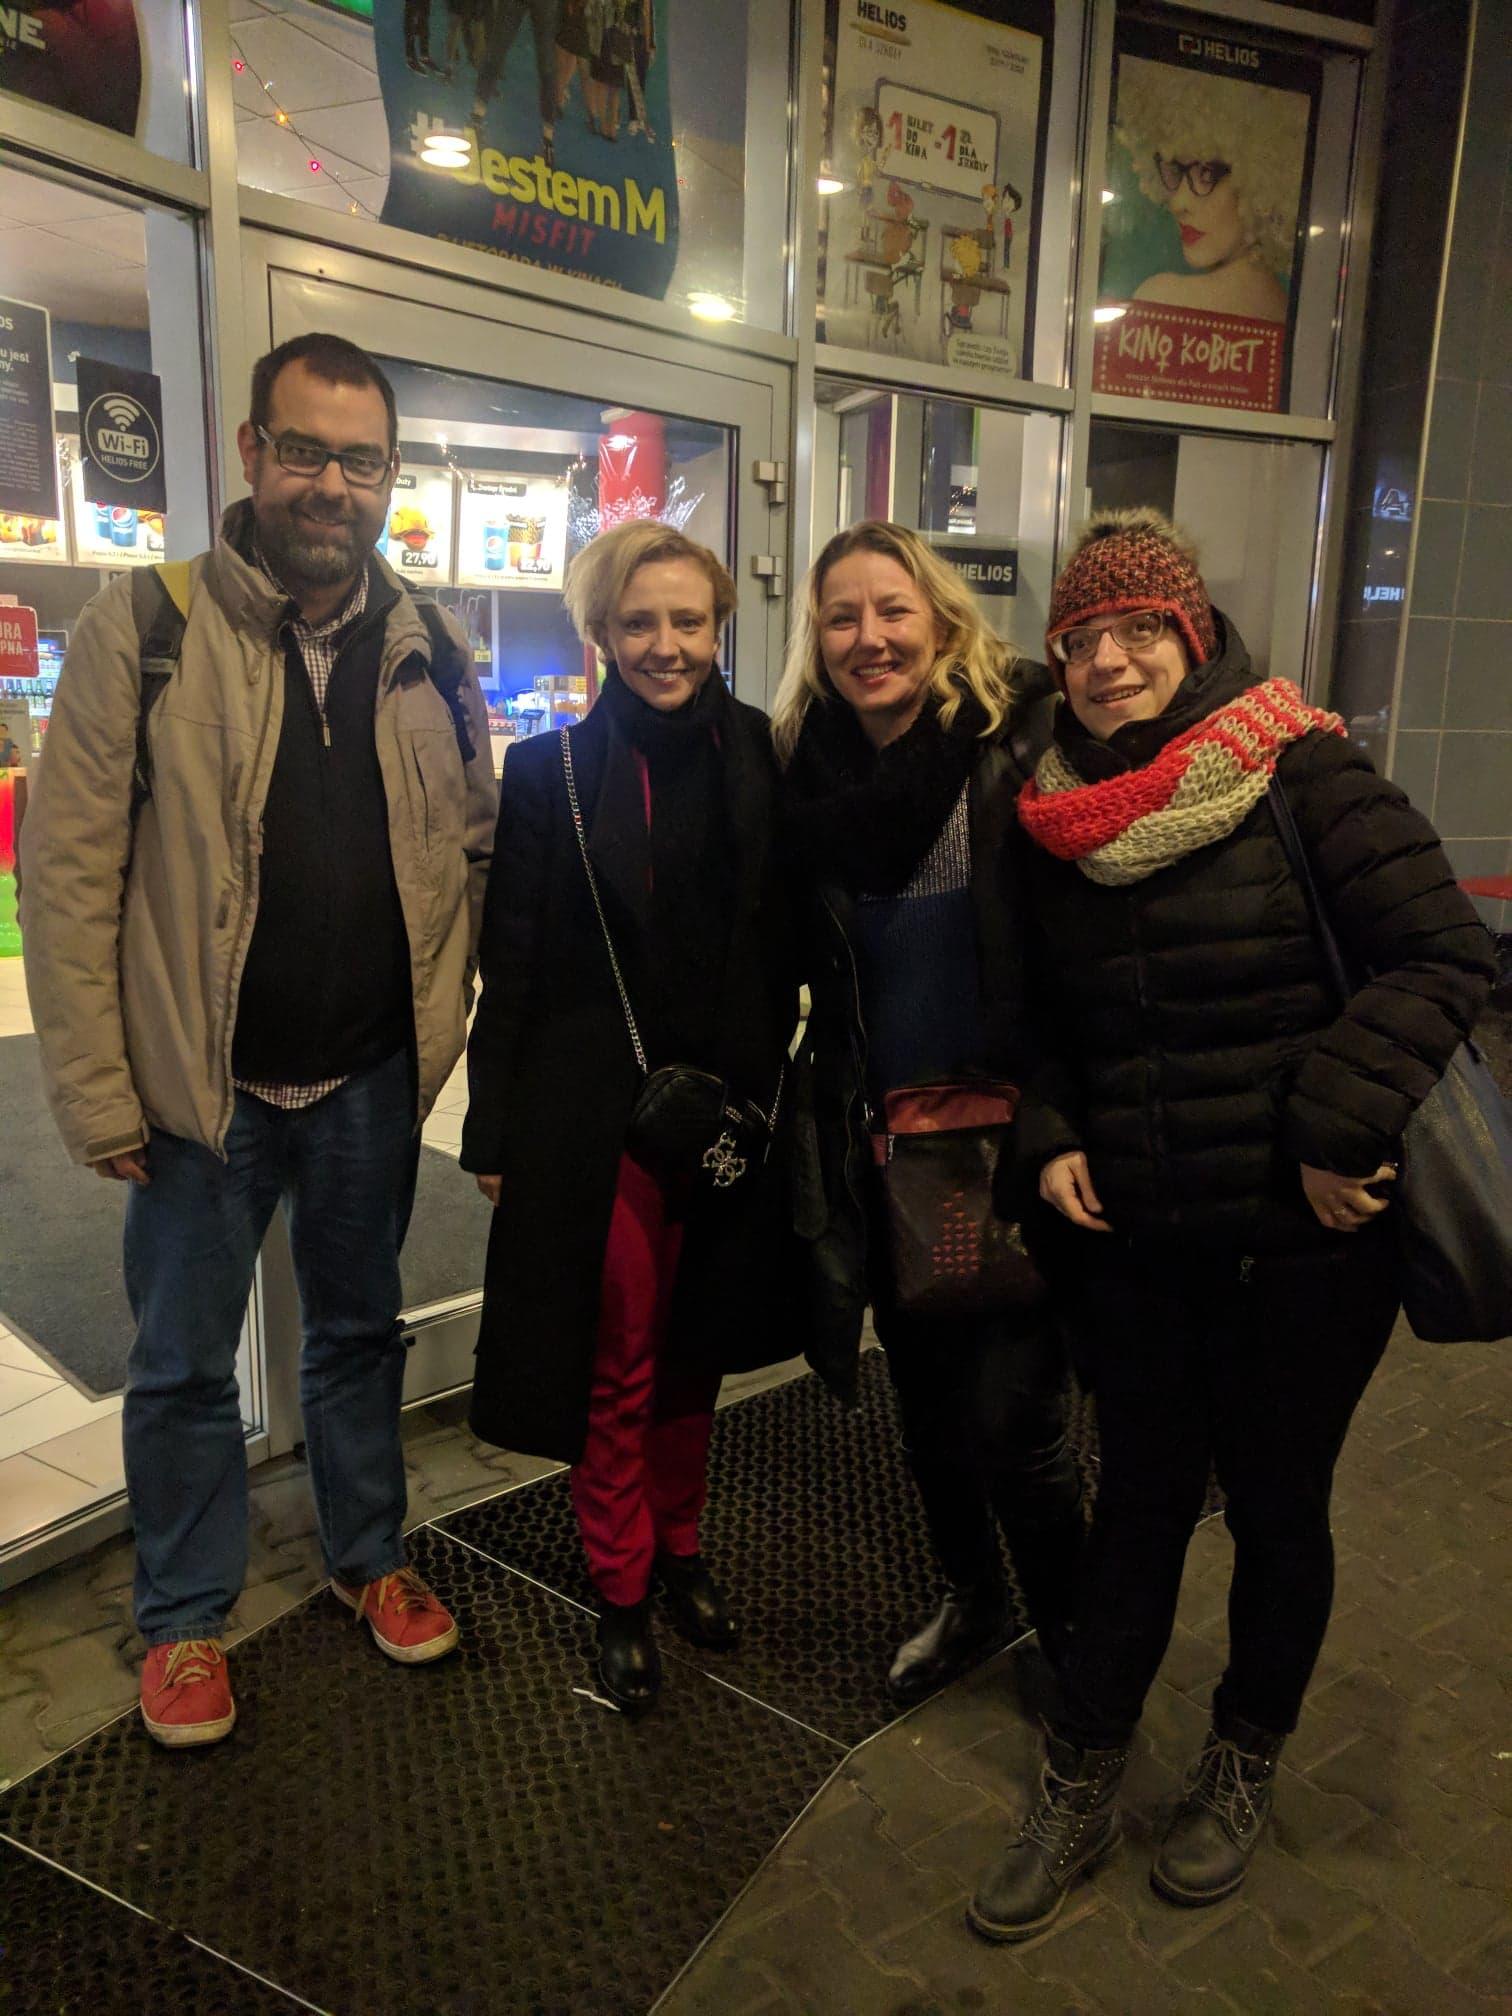 Uśmiechnięci Michał Gil, Barbara Kurzaj, Regina Mynarska, Justyna Margielewska stoją przed wejściem do kina Helios